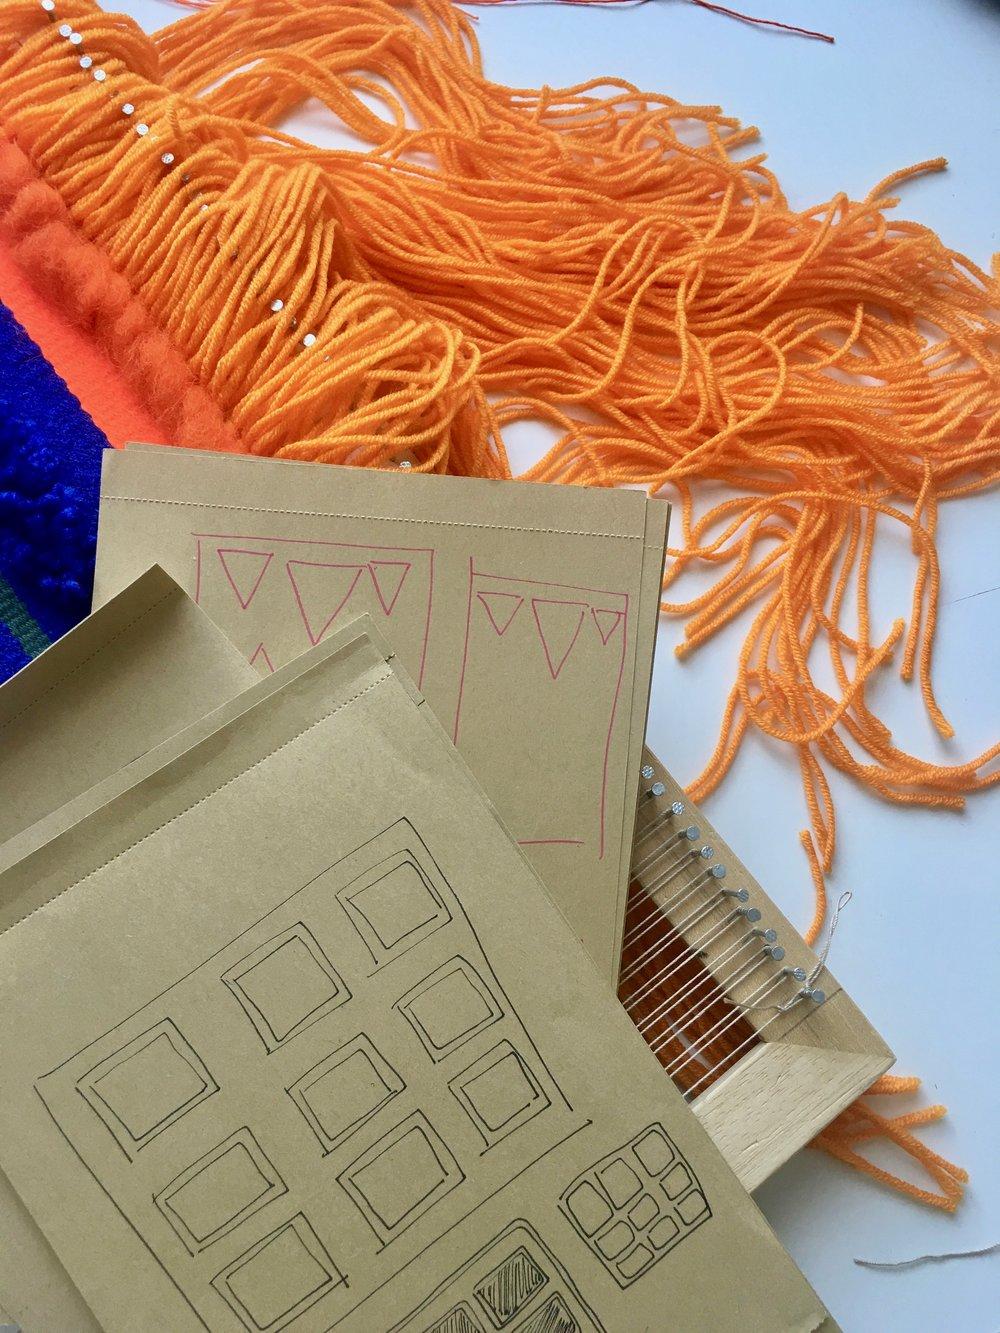 essential weaving tools notepad sketchbook